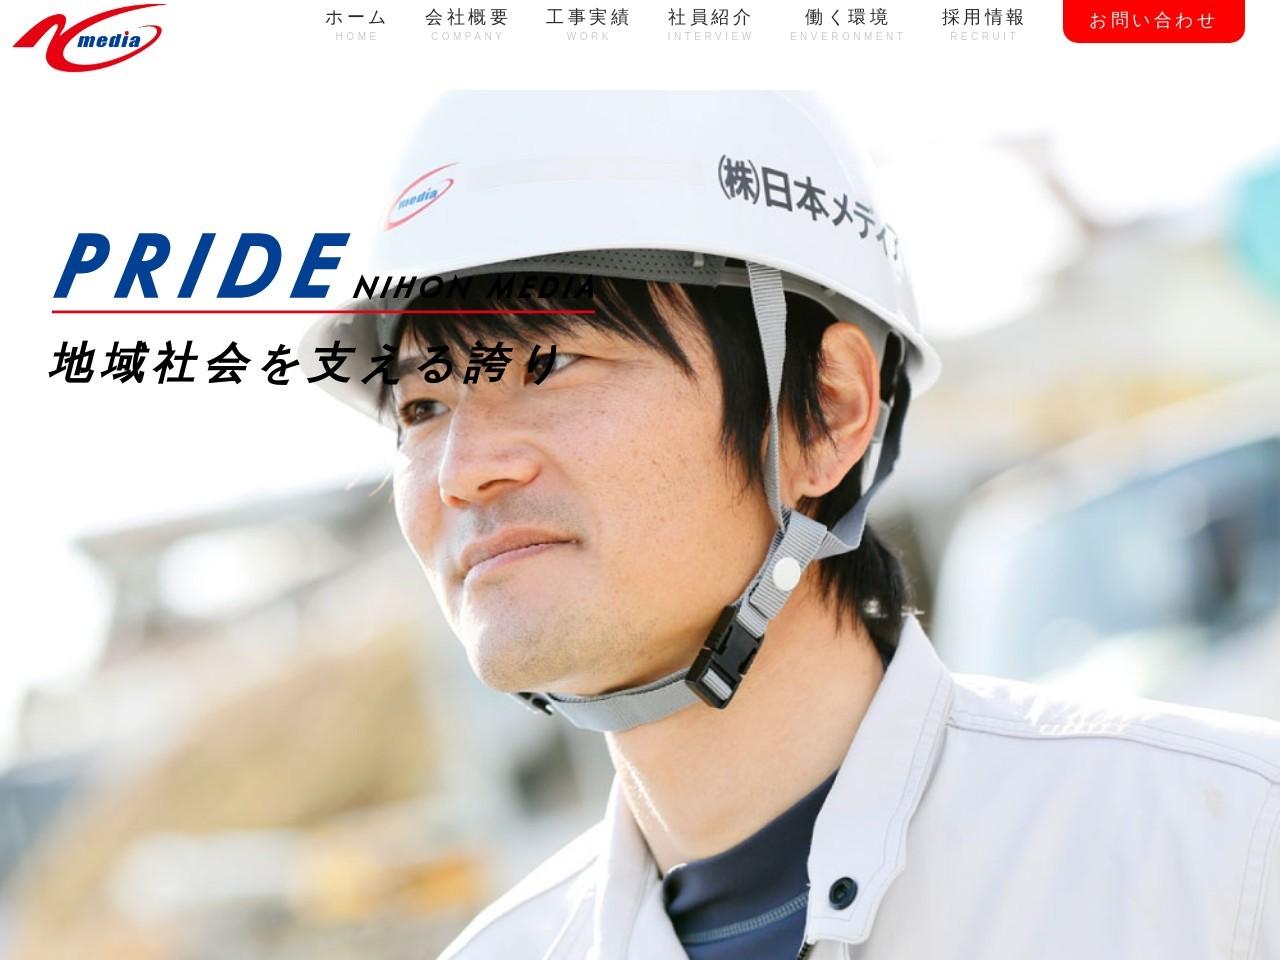 株式会社日本メディア